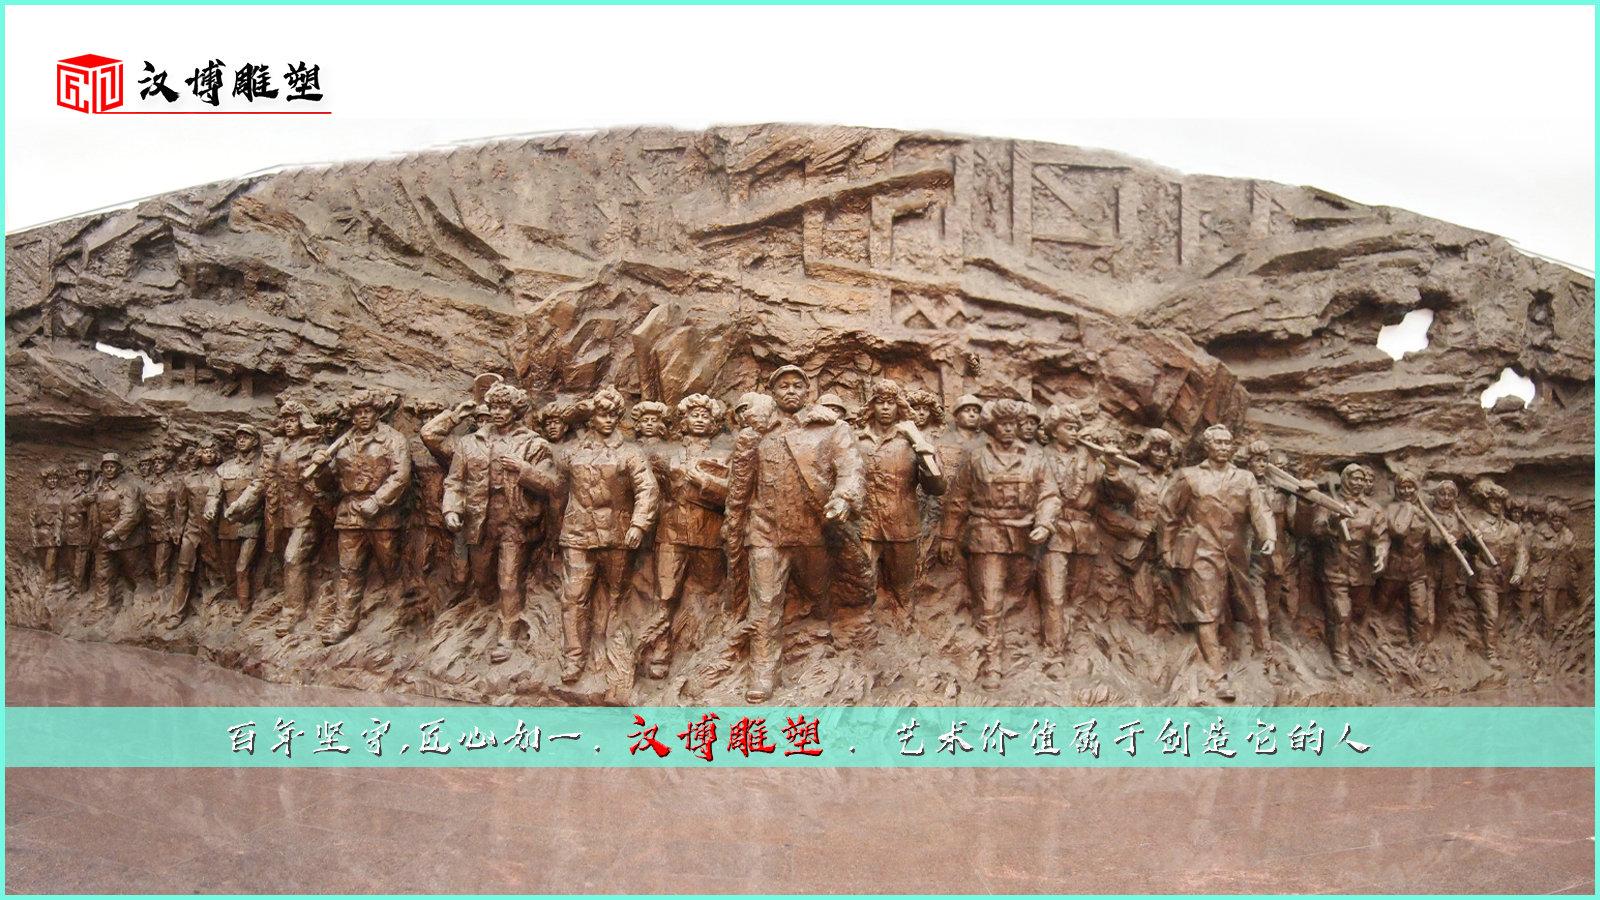 浮雕文化雕塑,站在浮雕下缅怀先人